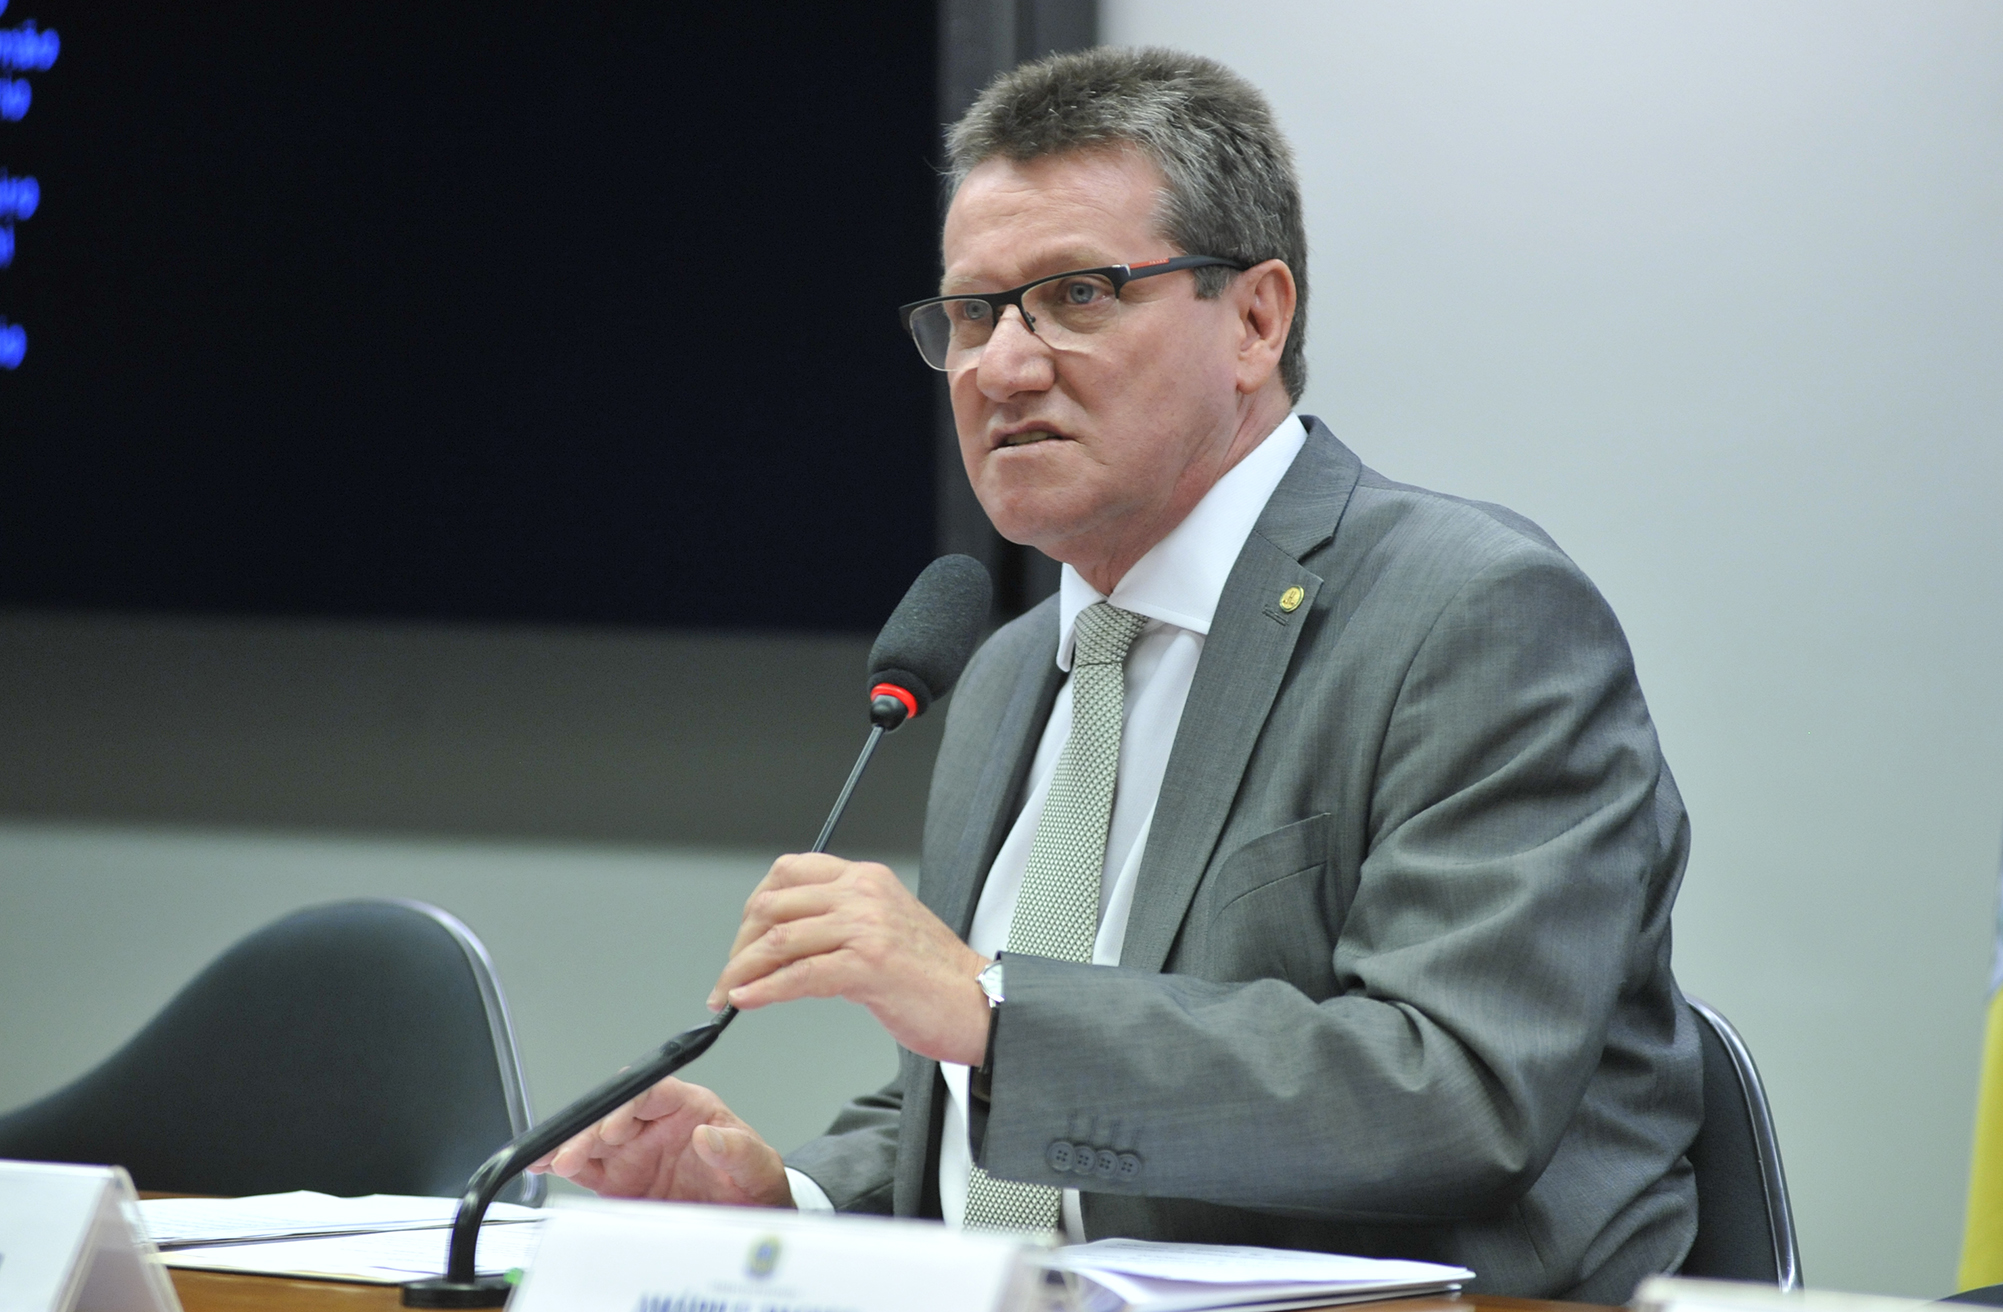 Audiência pública sobre as fontes de Financiamentos para os Estudantes da Educação Superior Privada no País. Dep. Giuseppe Vecci (PSDB-GO)